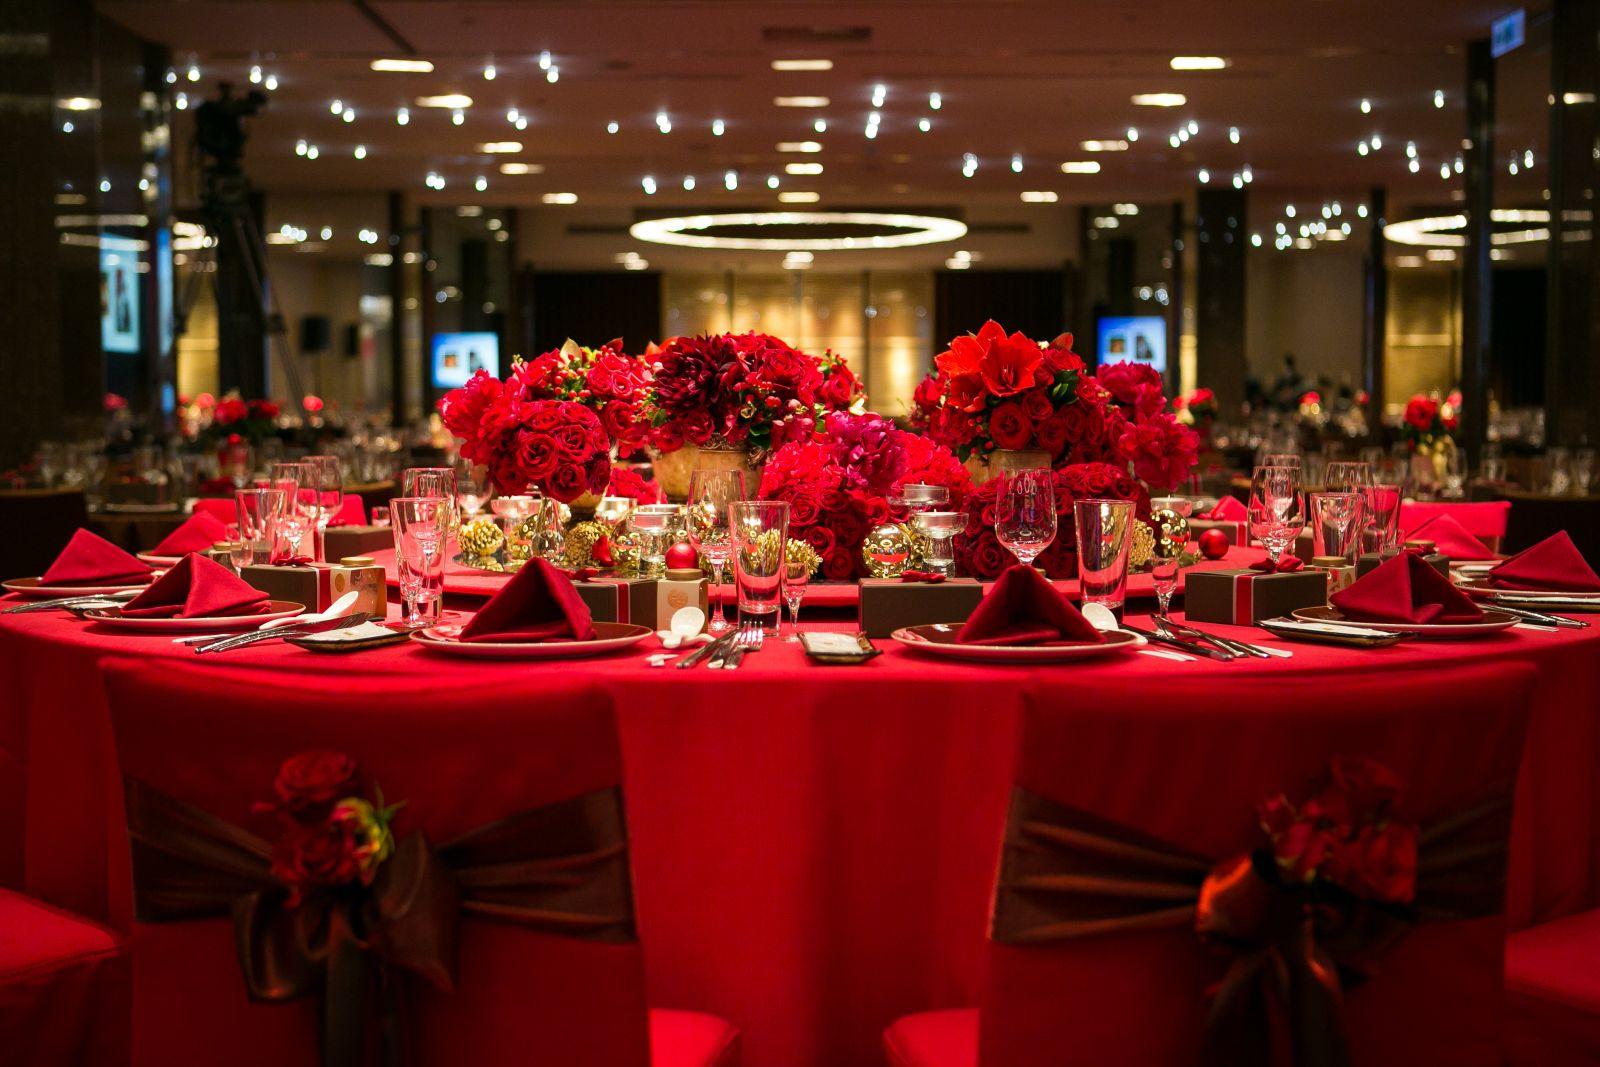 【2020婚宴專案】五星飯店辦婚禮不破費 國賓幸福價每桌16,800元起